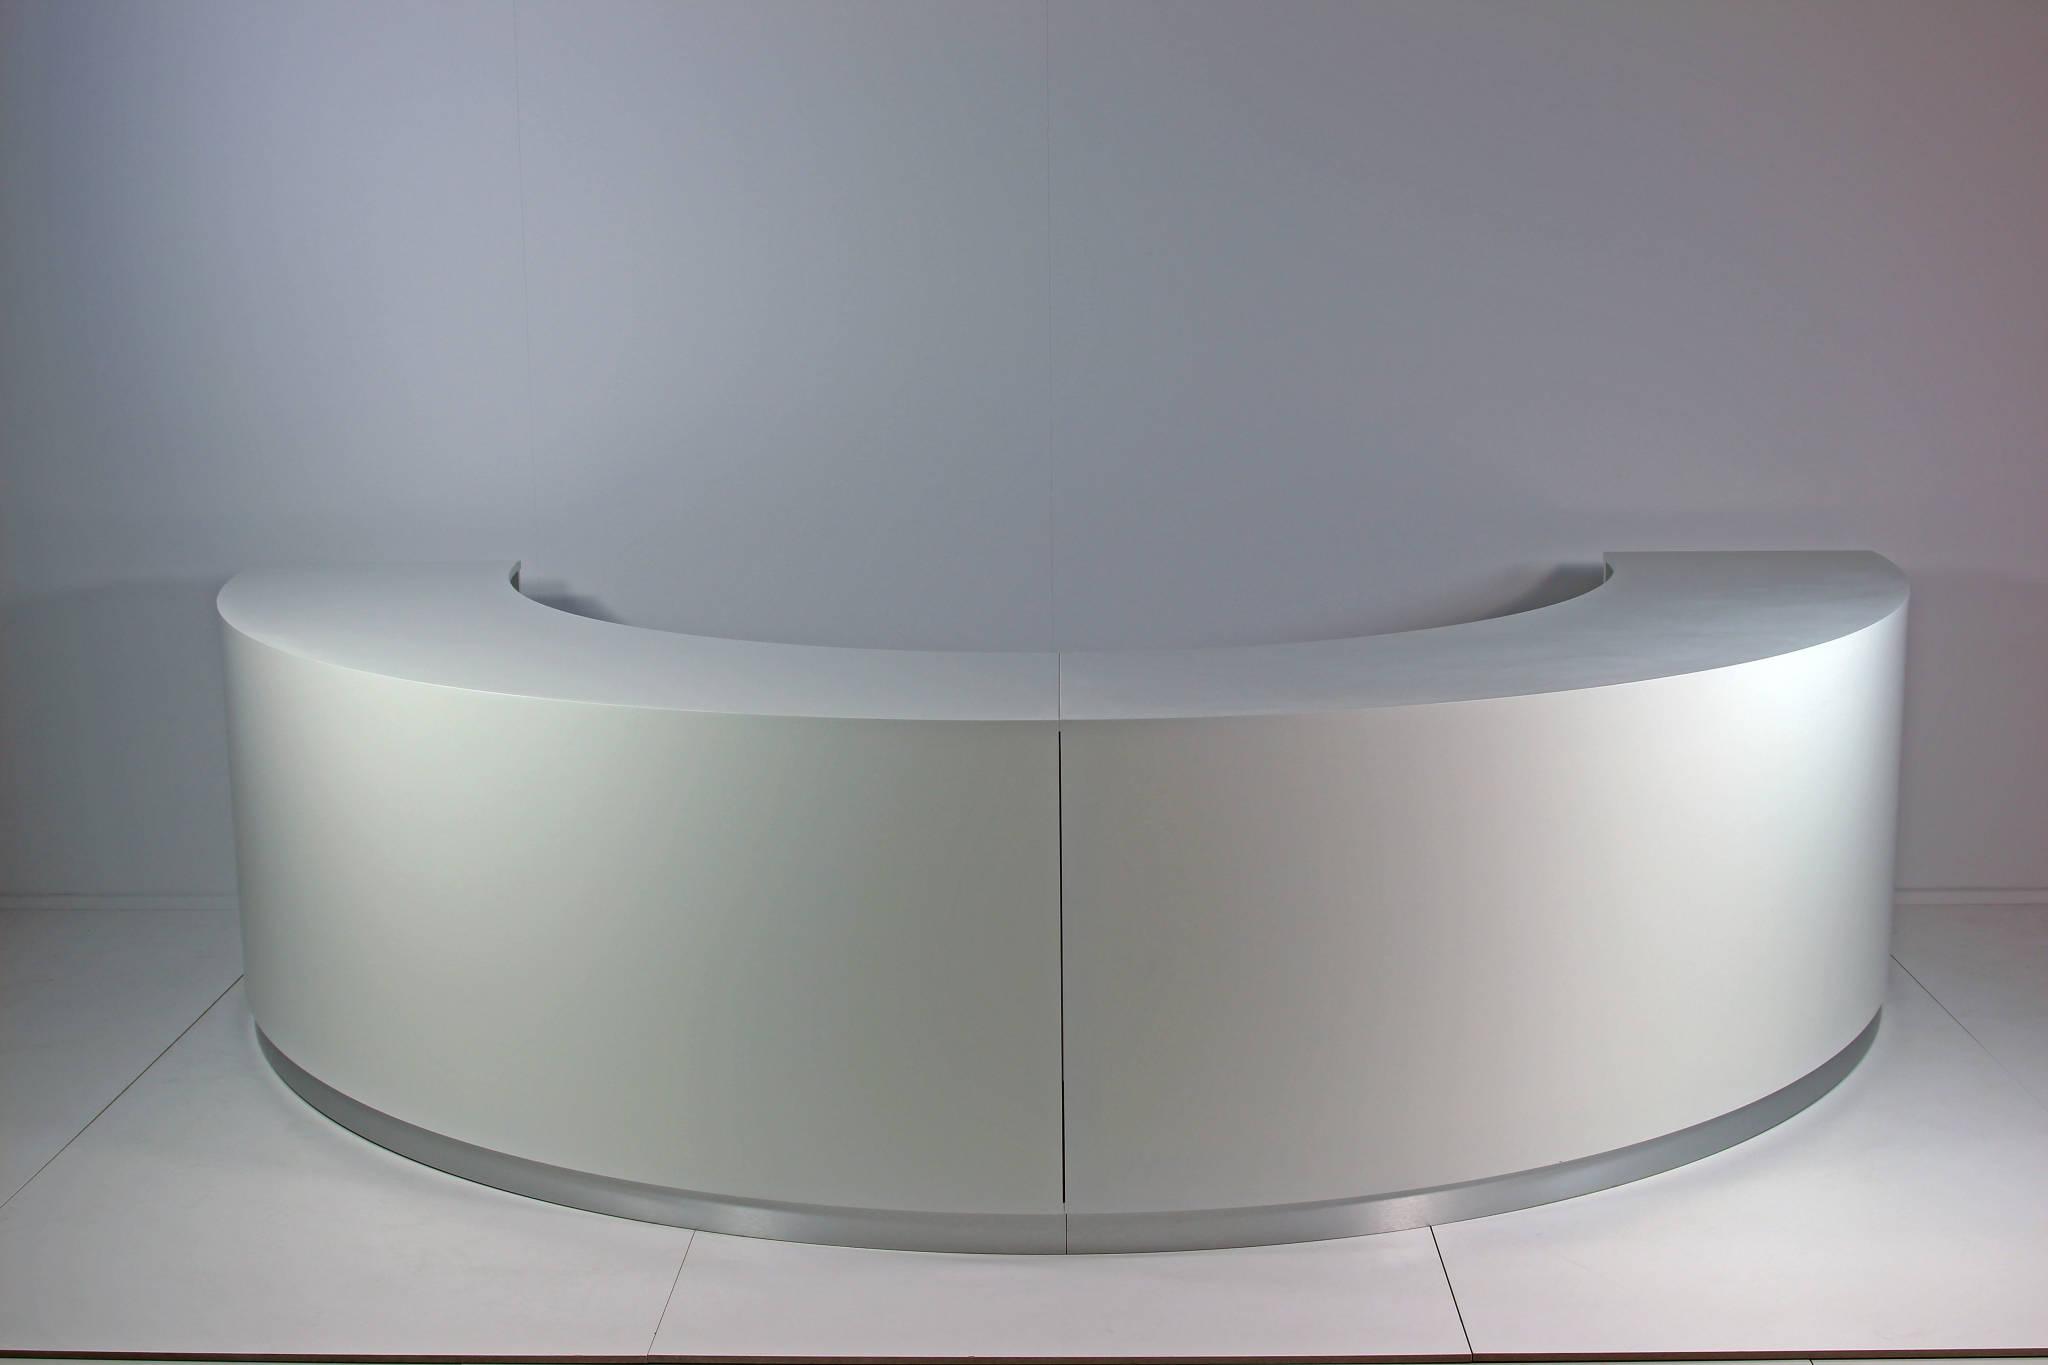 Eksklusivt og lækkert diskområde, hvor to diske her er anvendt og som kan leveres i mange forskellige farver.